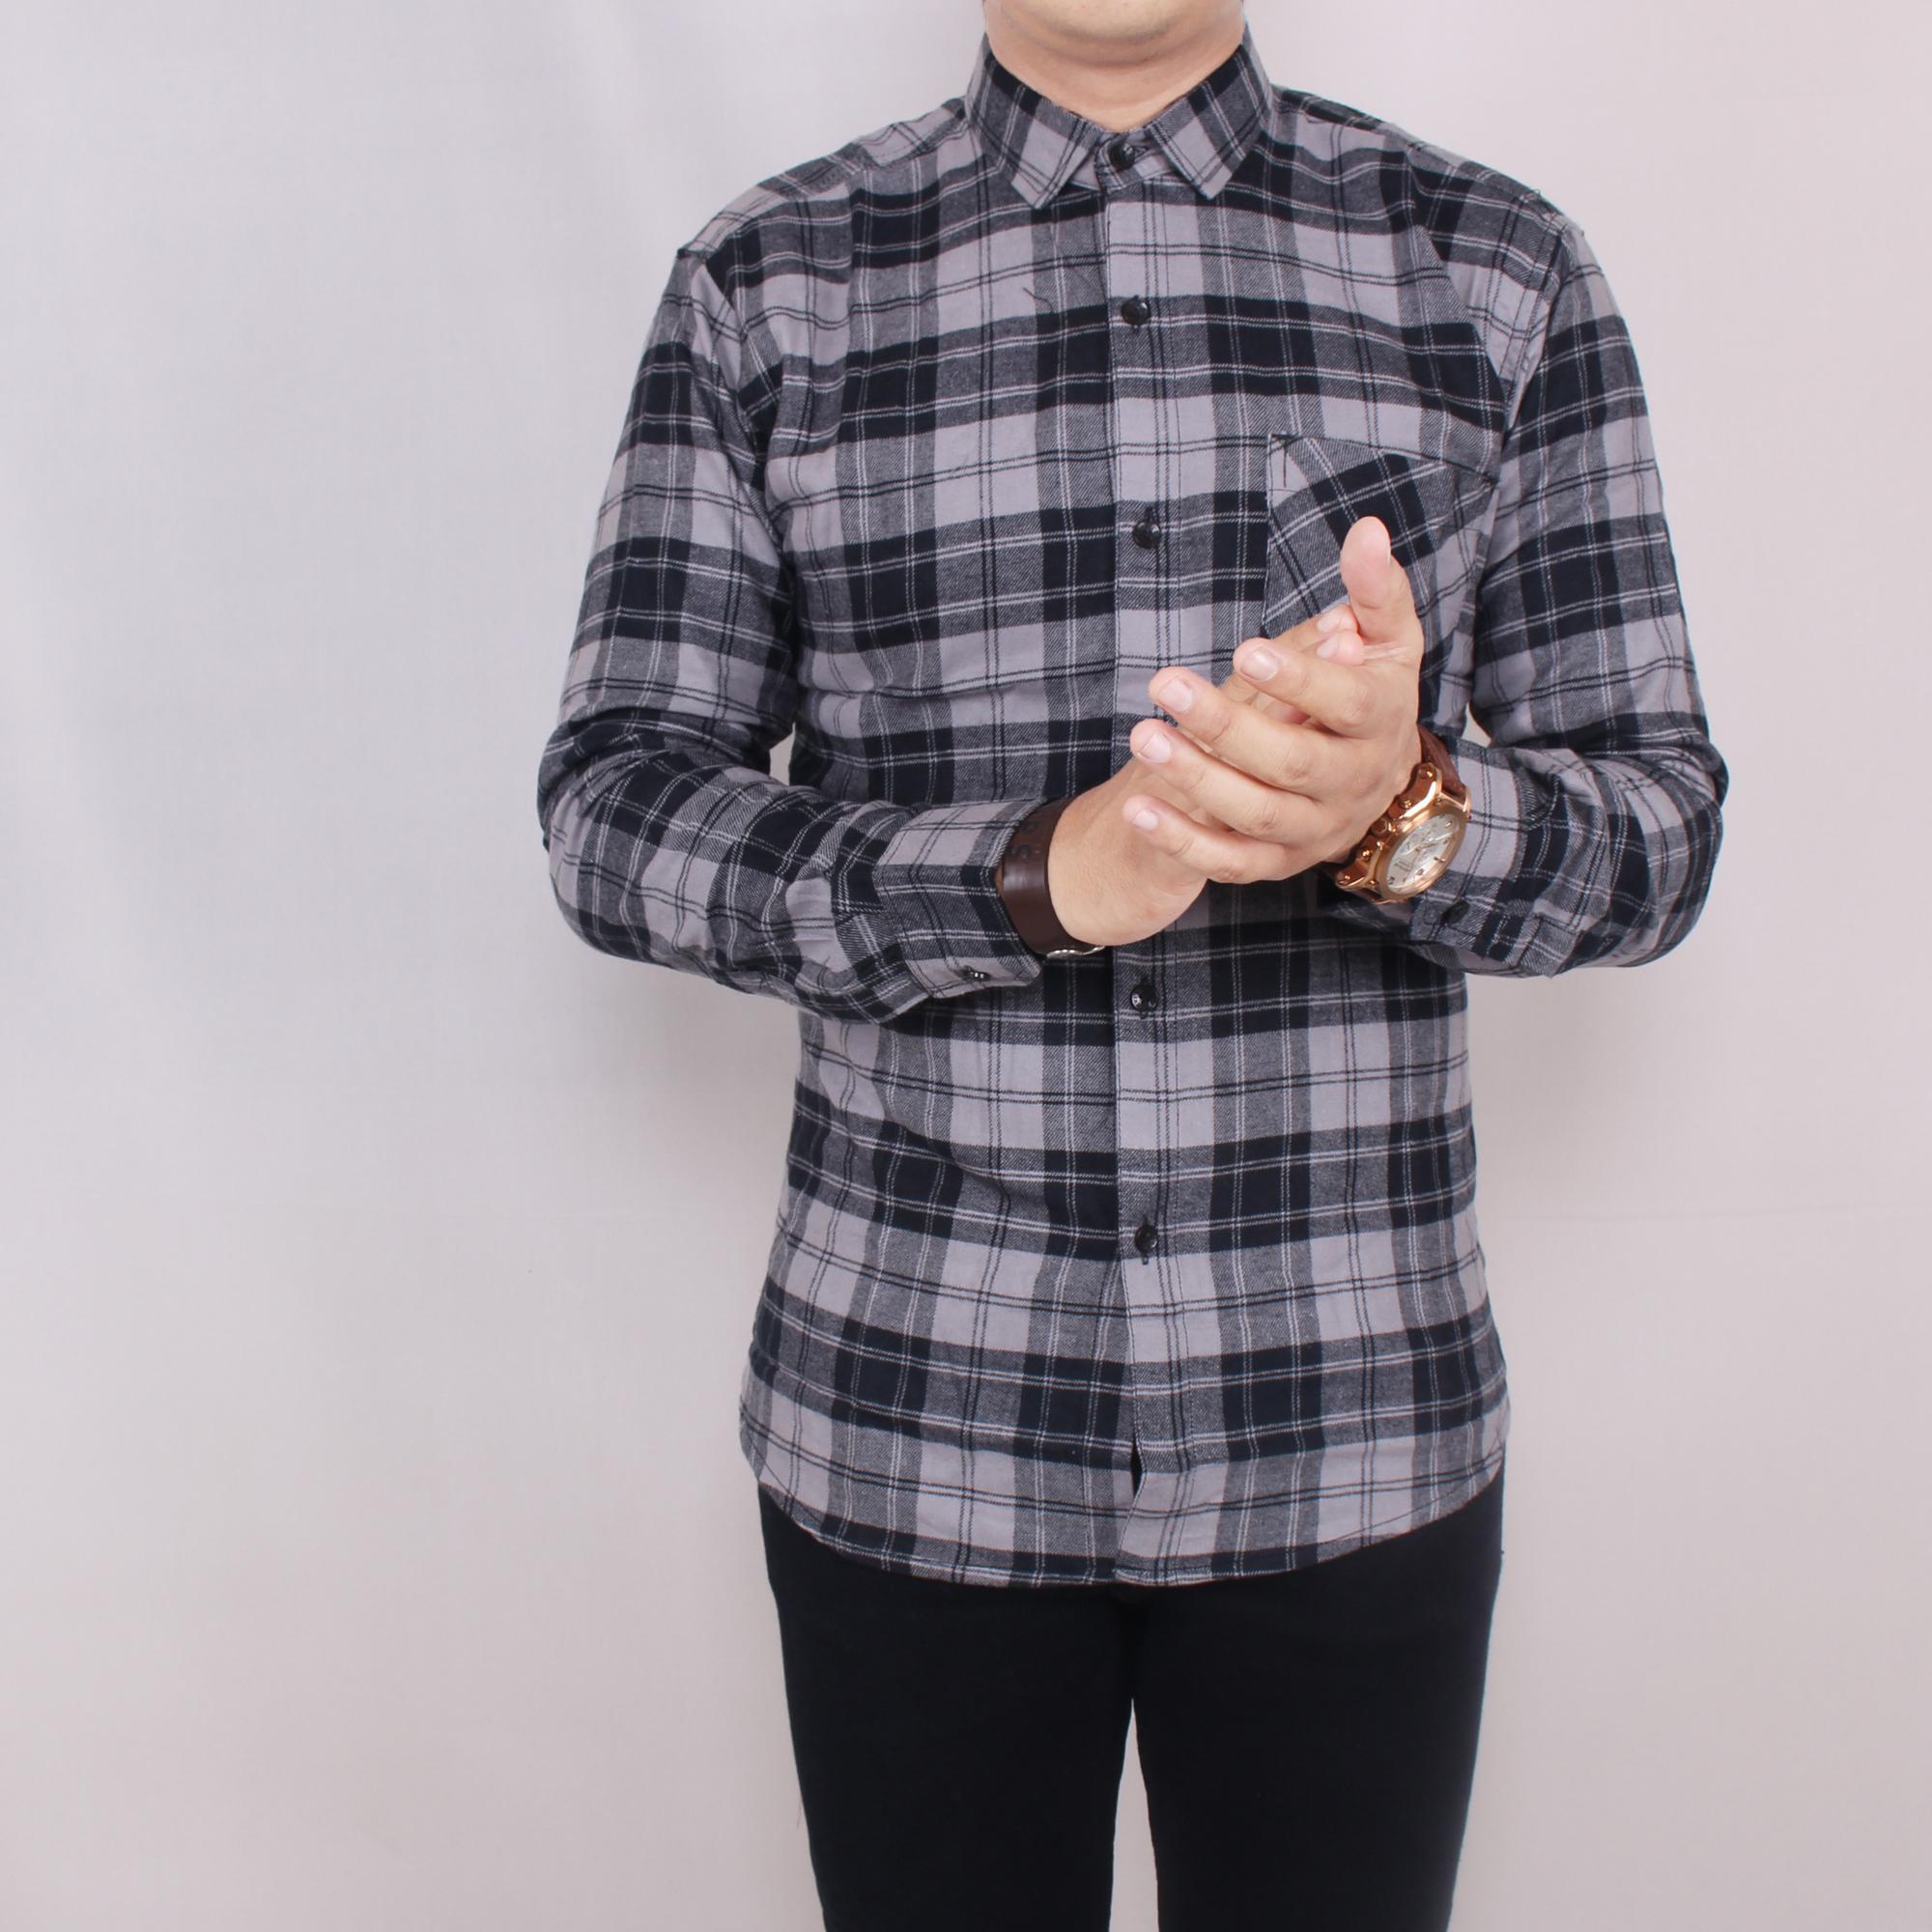 Zoeystore1 5674 Kemeja Flanel Pria Lengan Panjang Baju Kemeja Flannel Cowok Kerja Kantor Hitam Kotak Abu-abu Exclusive